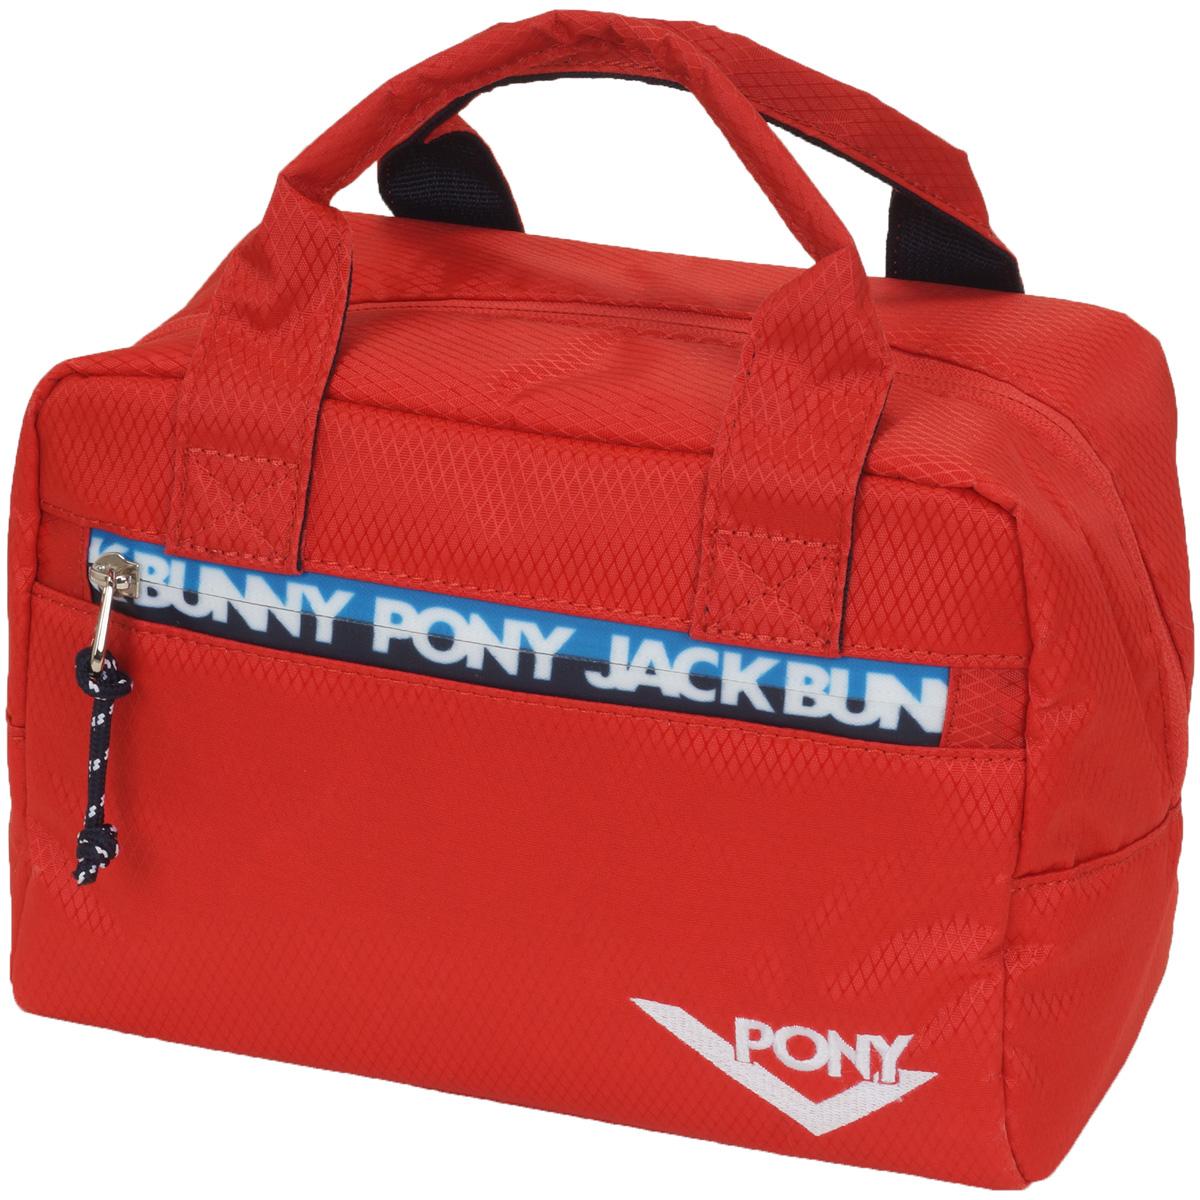 PONY カートバッグ